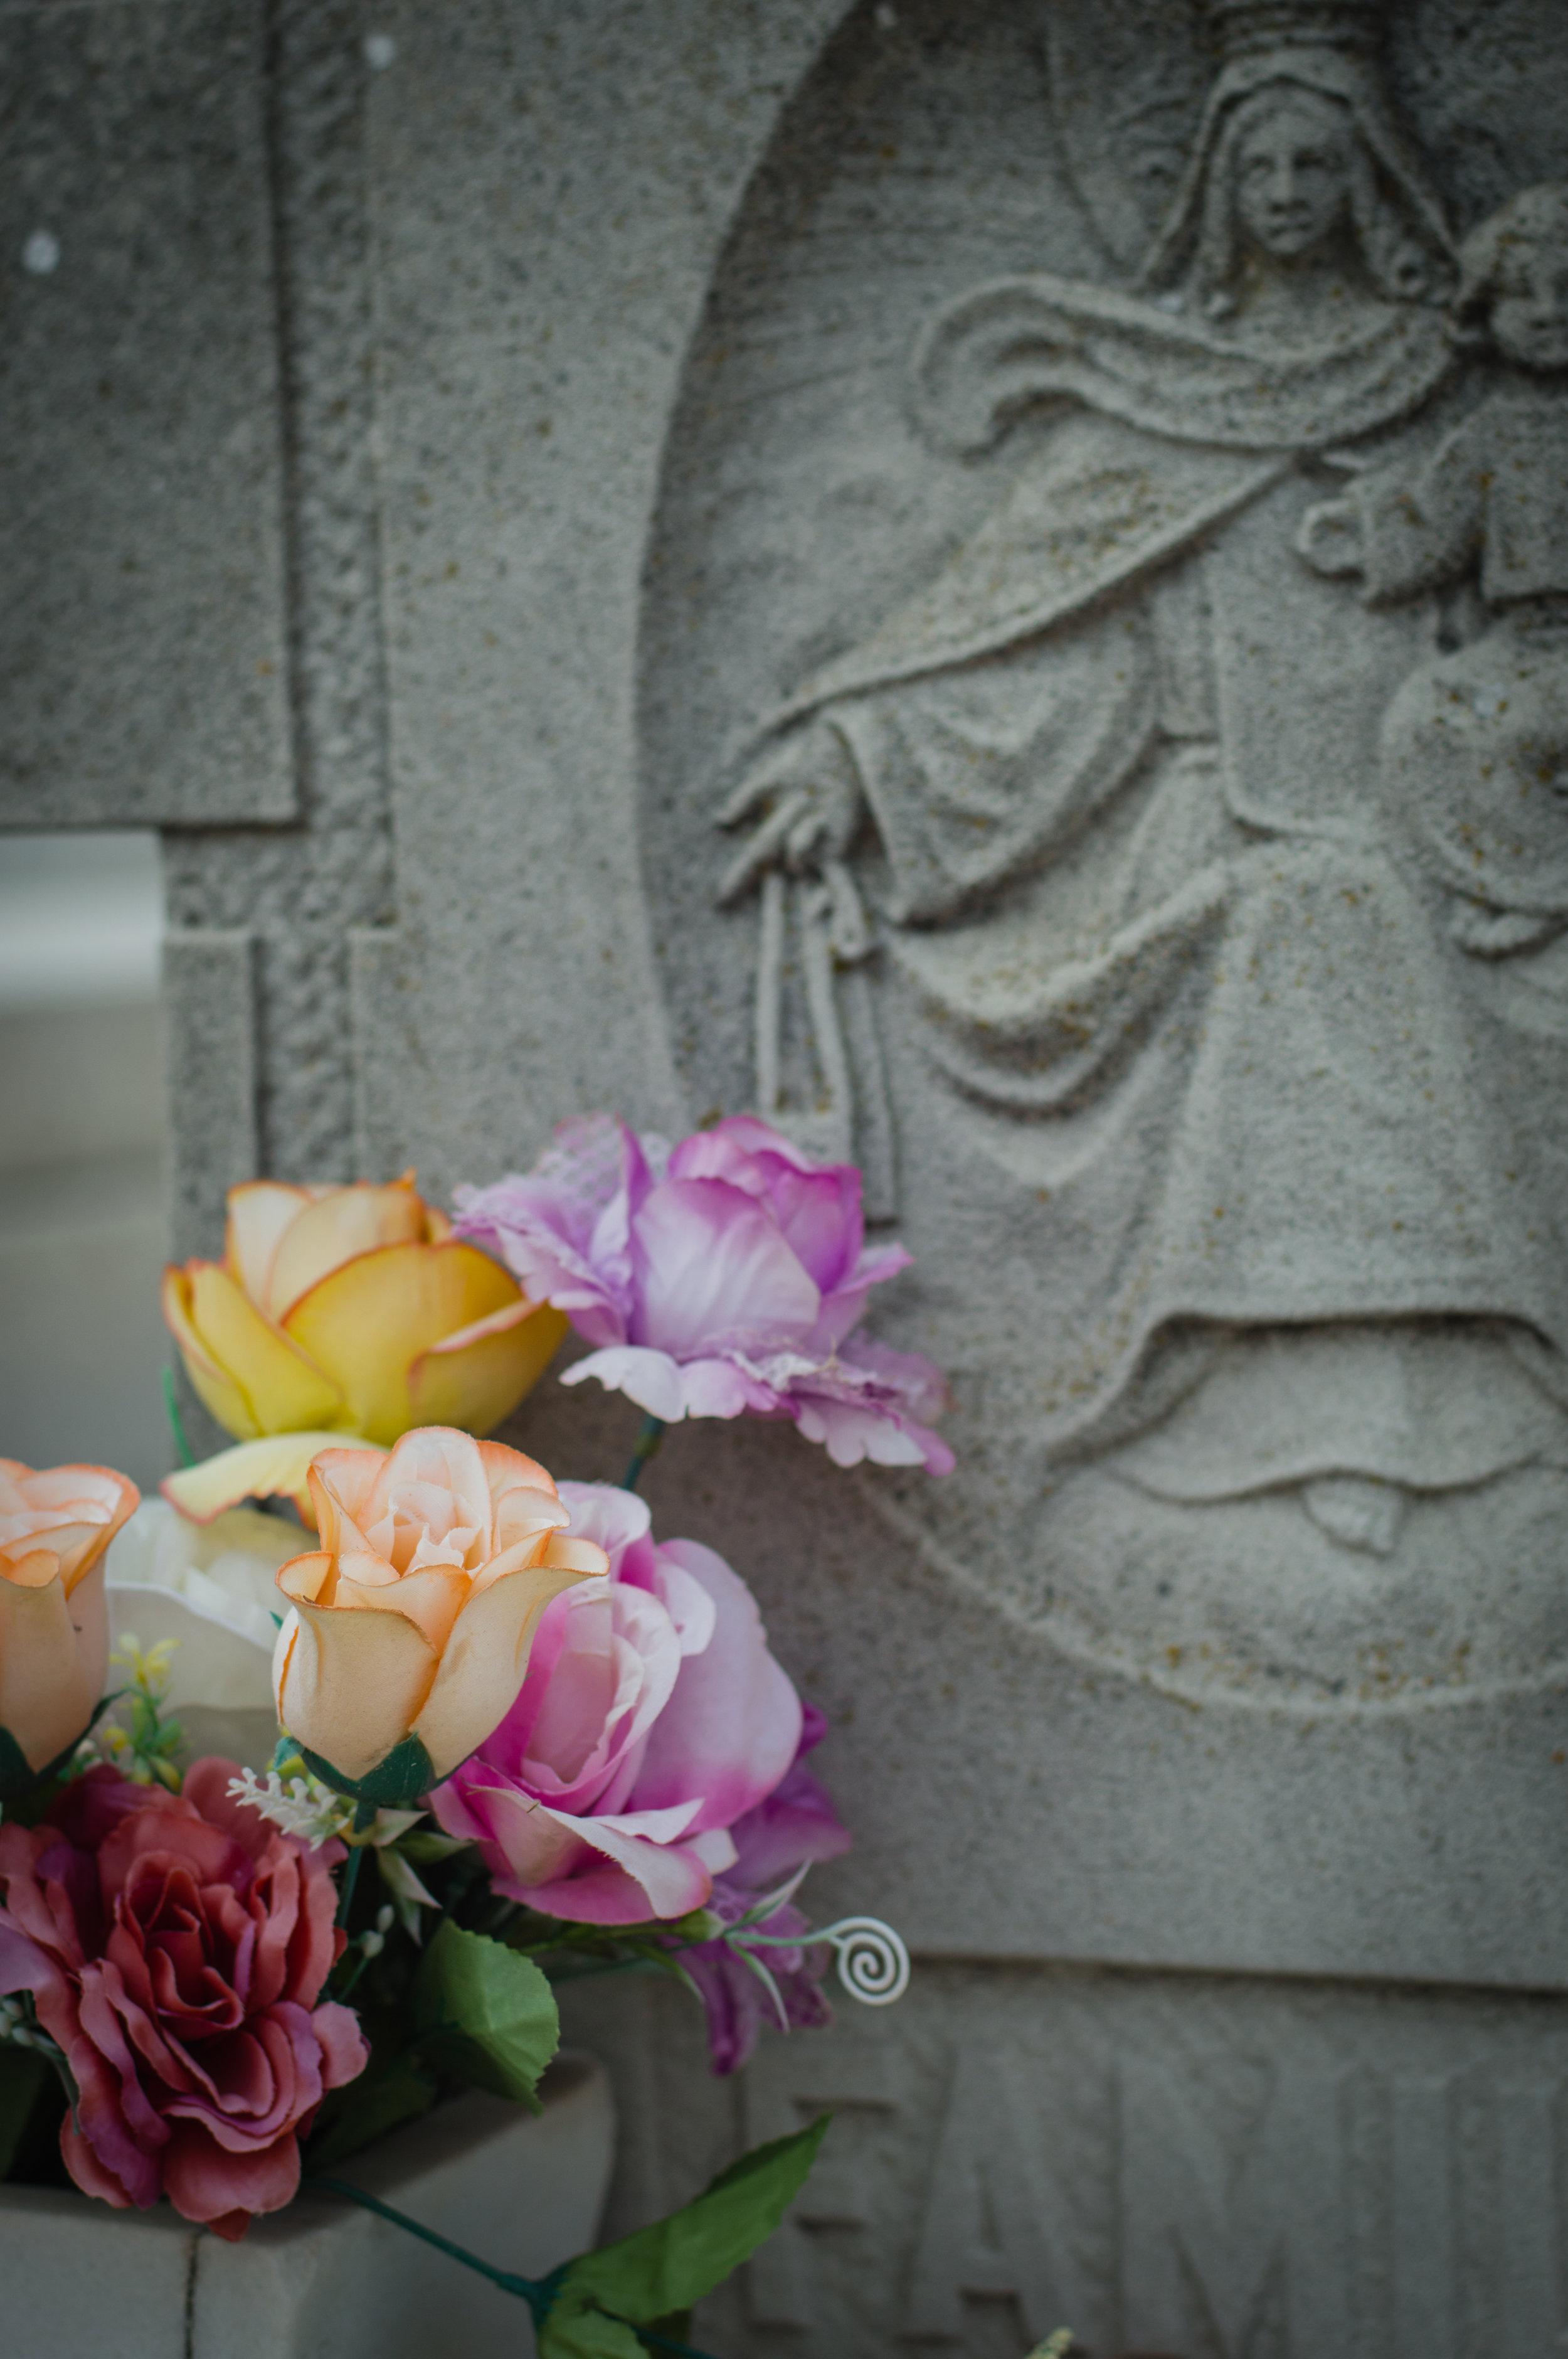 Flores en el cementerio (6 de 18).jpg